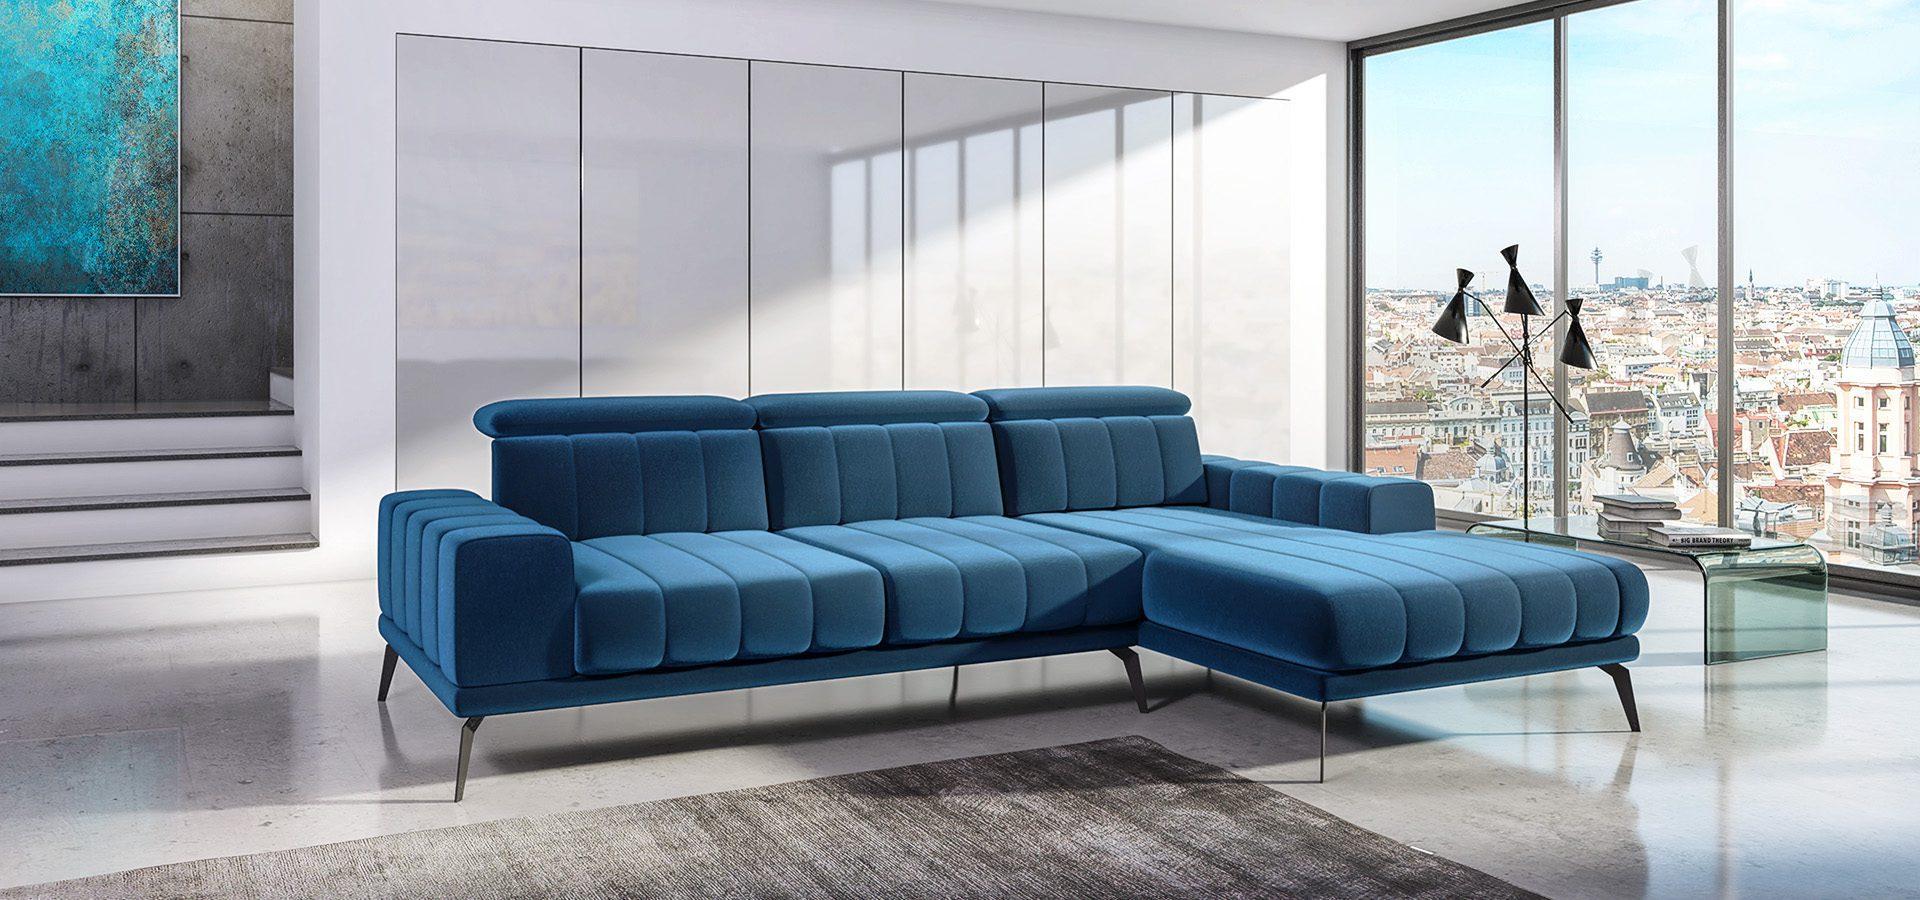 Jak wybrać idealne meble wypoczynkowe?